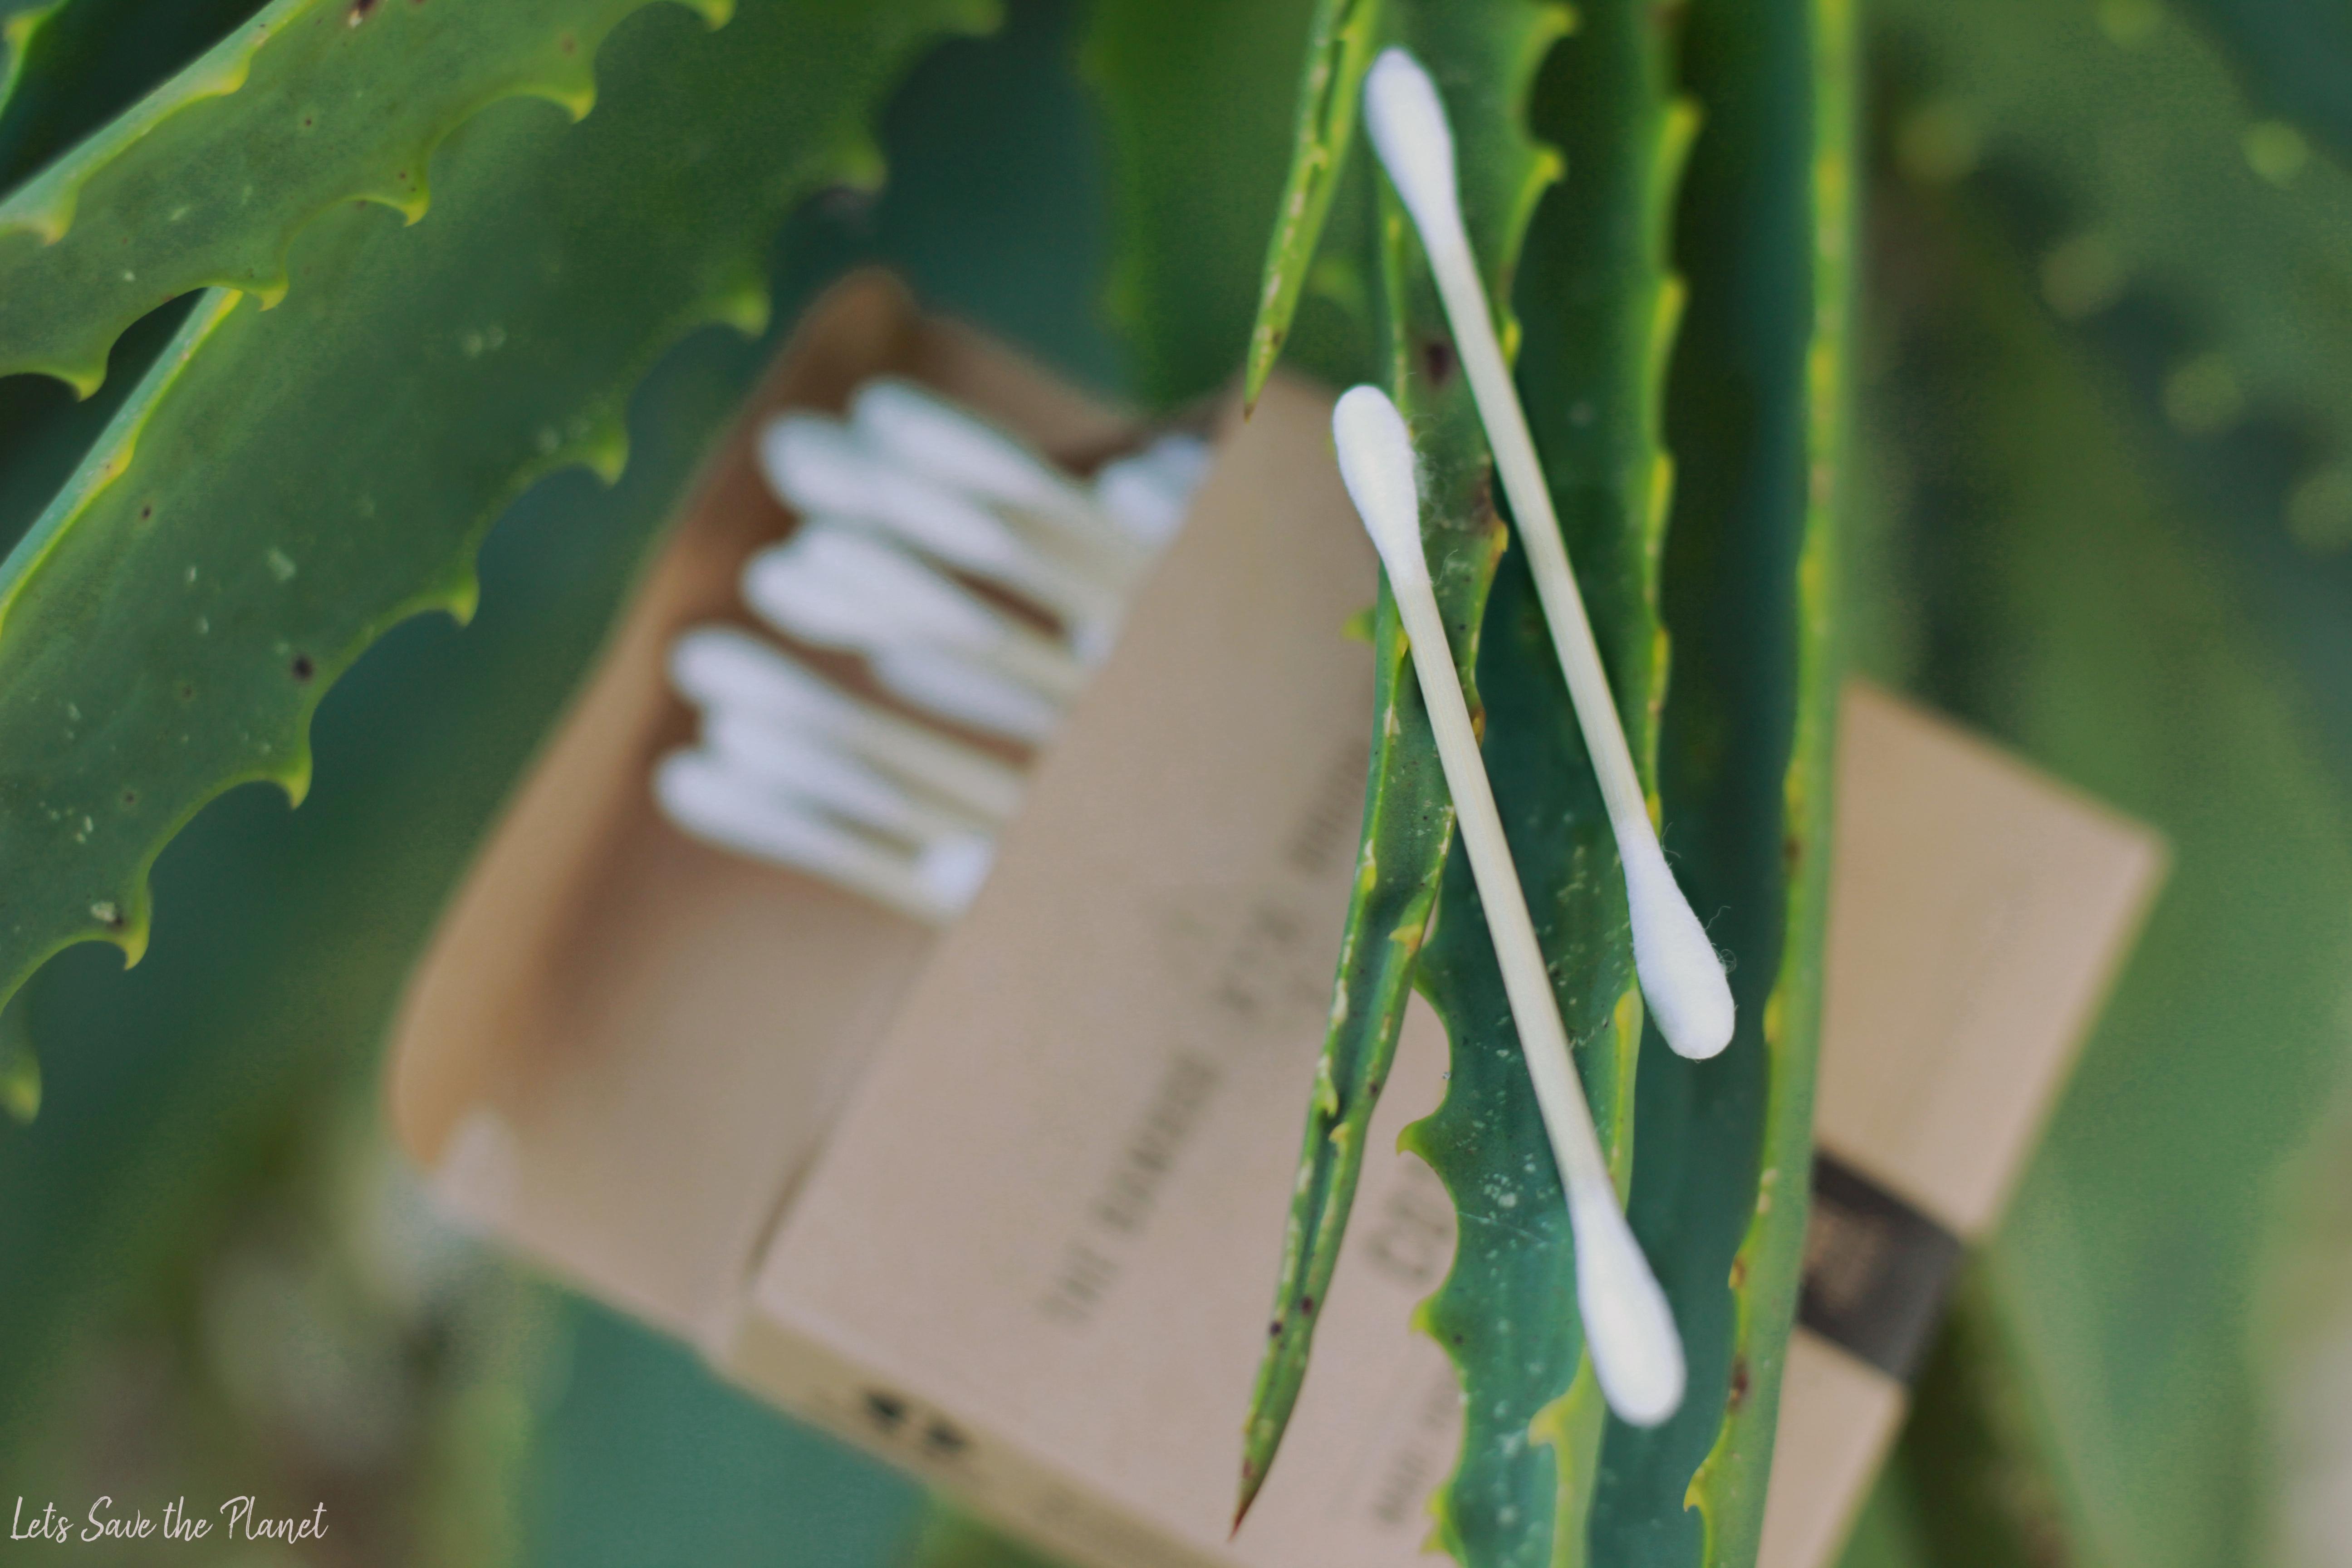 cotonetes com bastão em bambo num cacto de aloevera